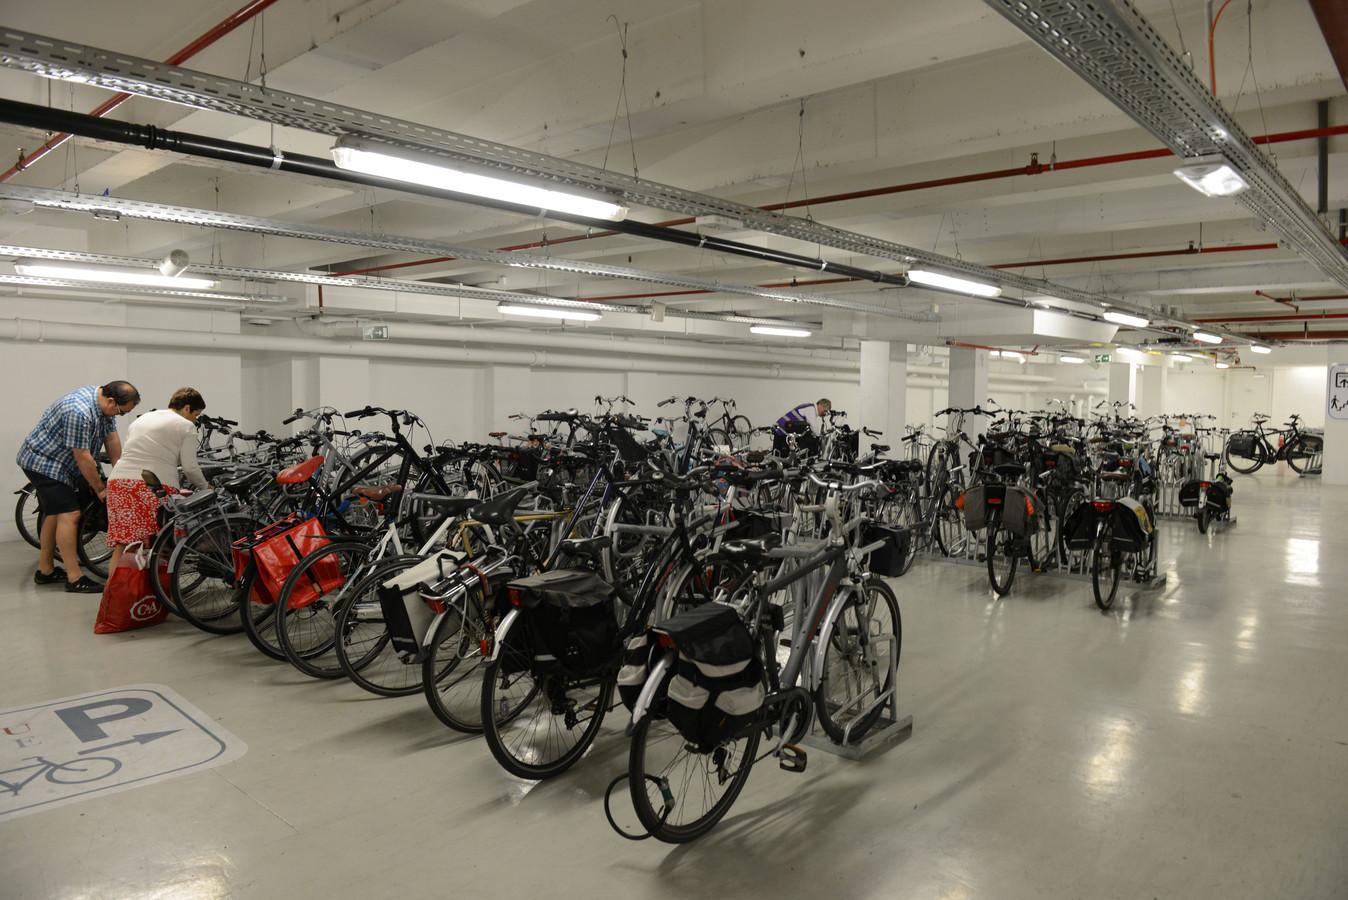 De beklaagde pleegde verschillende fietsdiefstallen in Brugge.